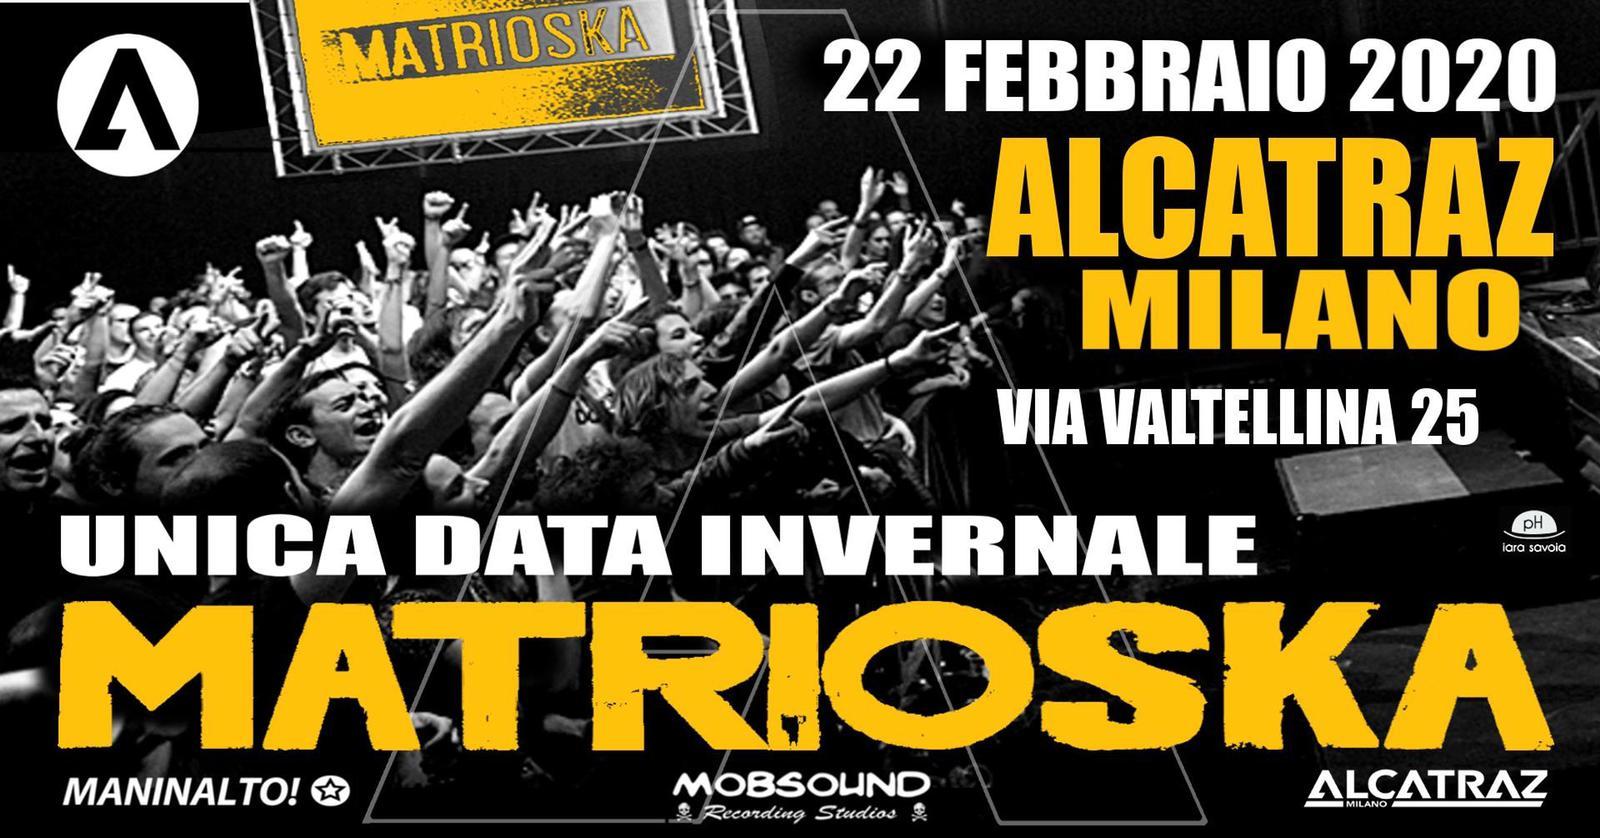 matrioska-alcatraz-milano